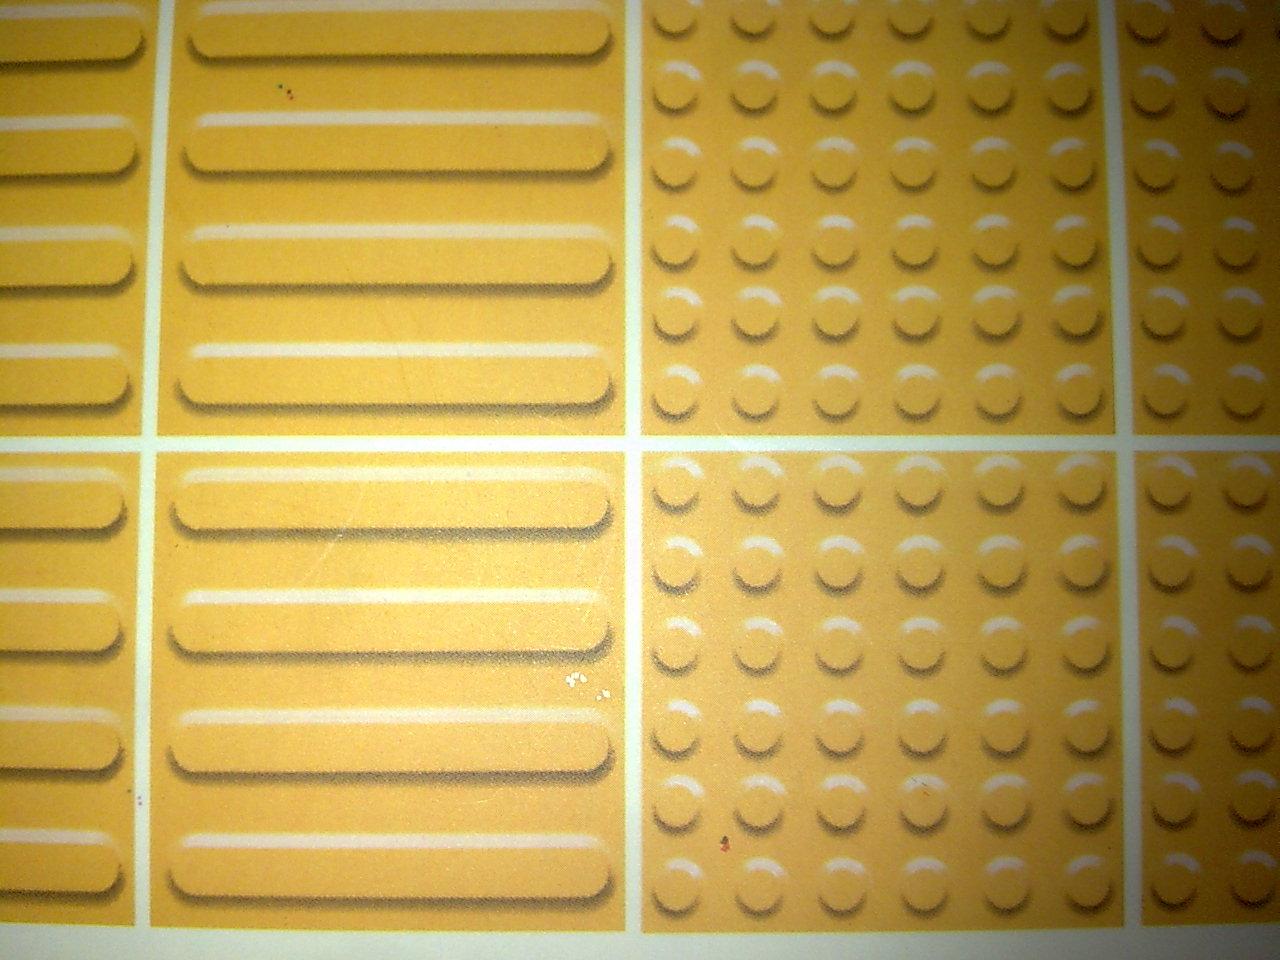 盲道砖(瓷质高强耐磨)